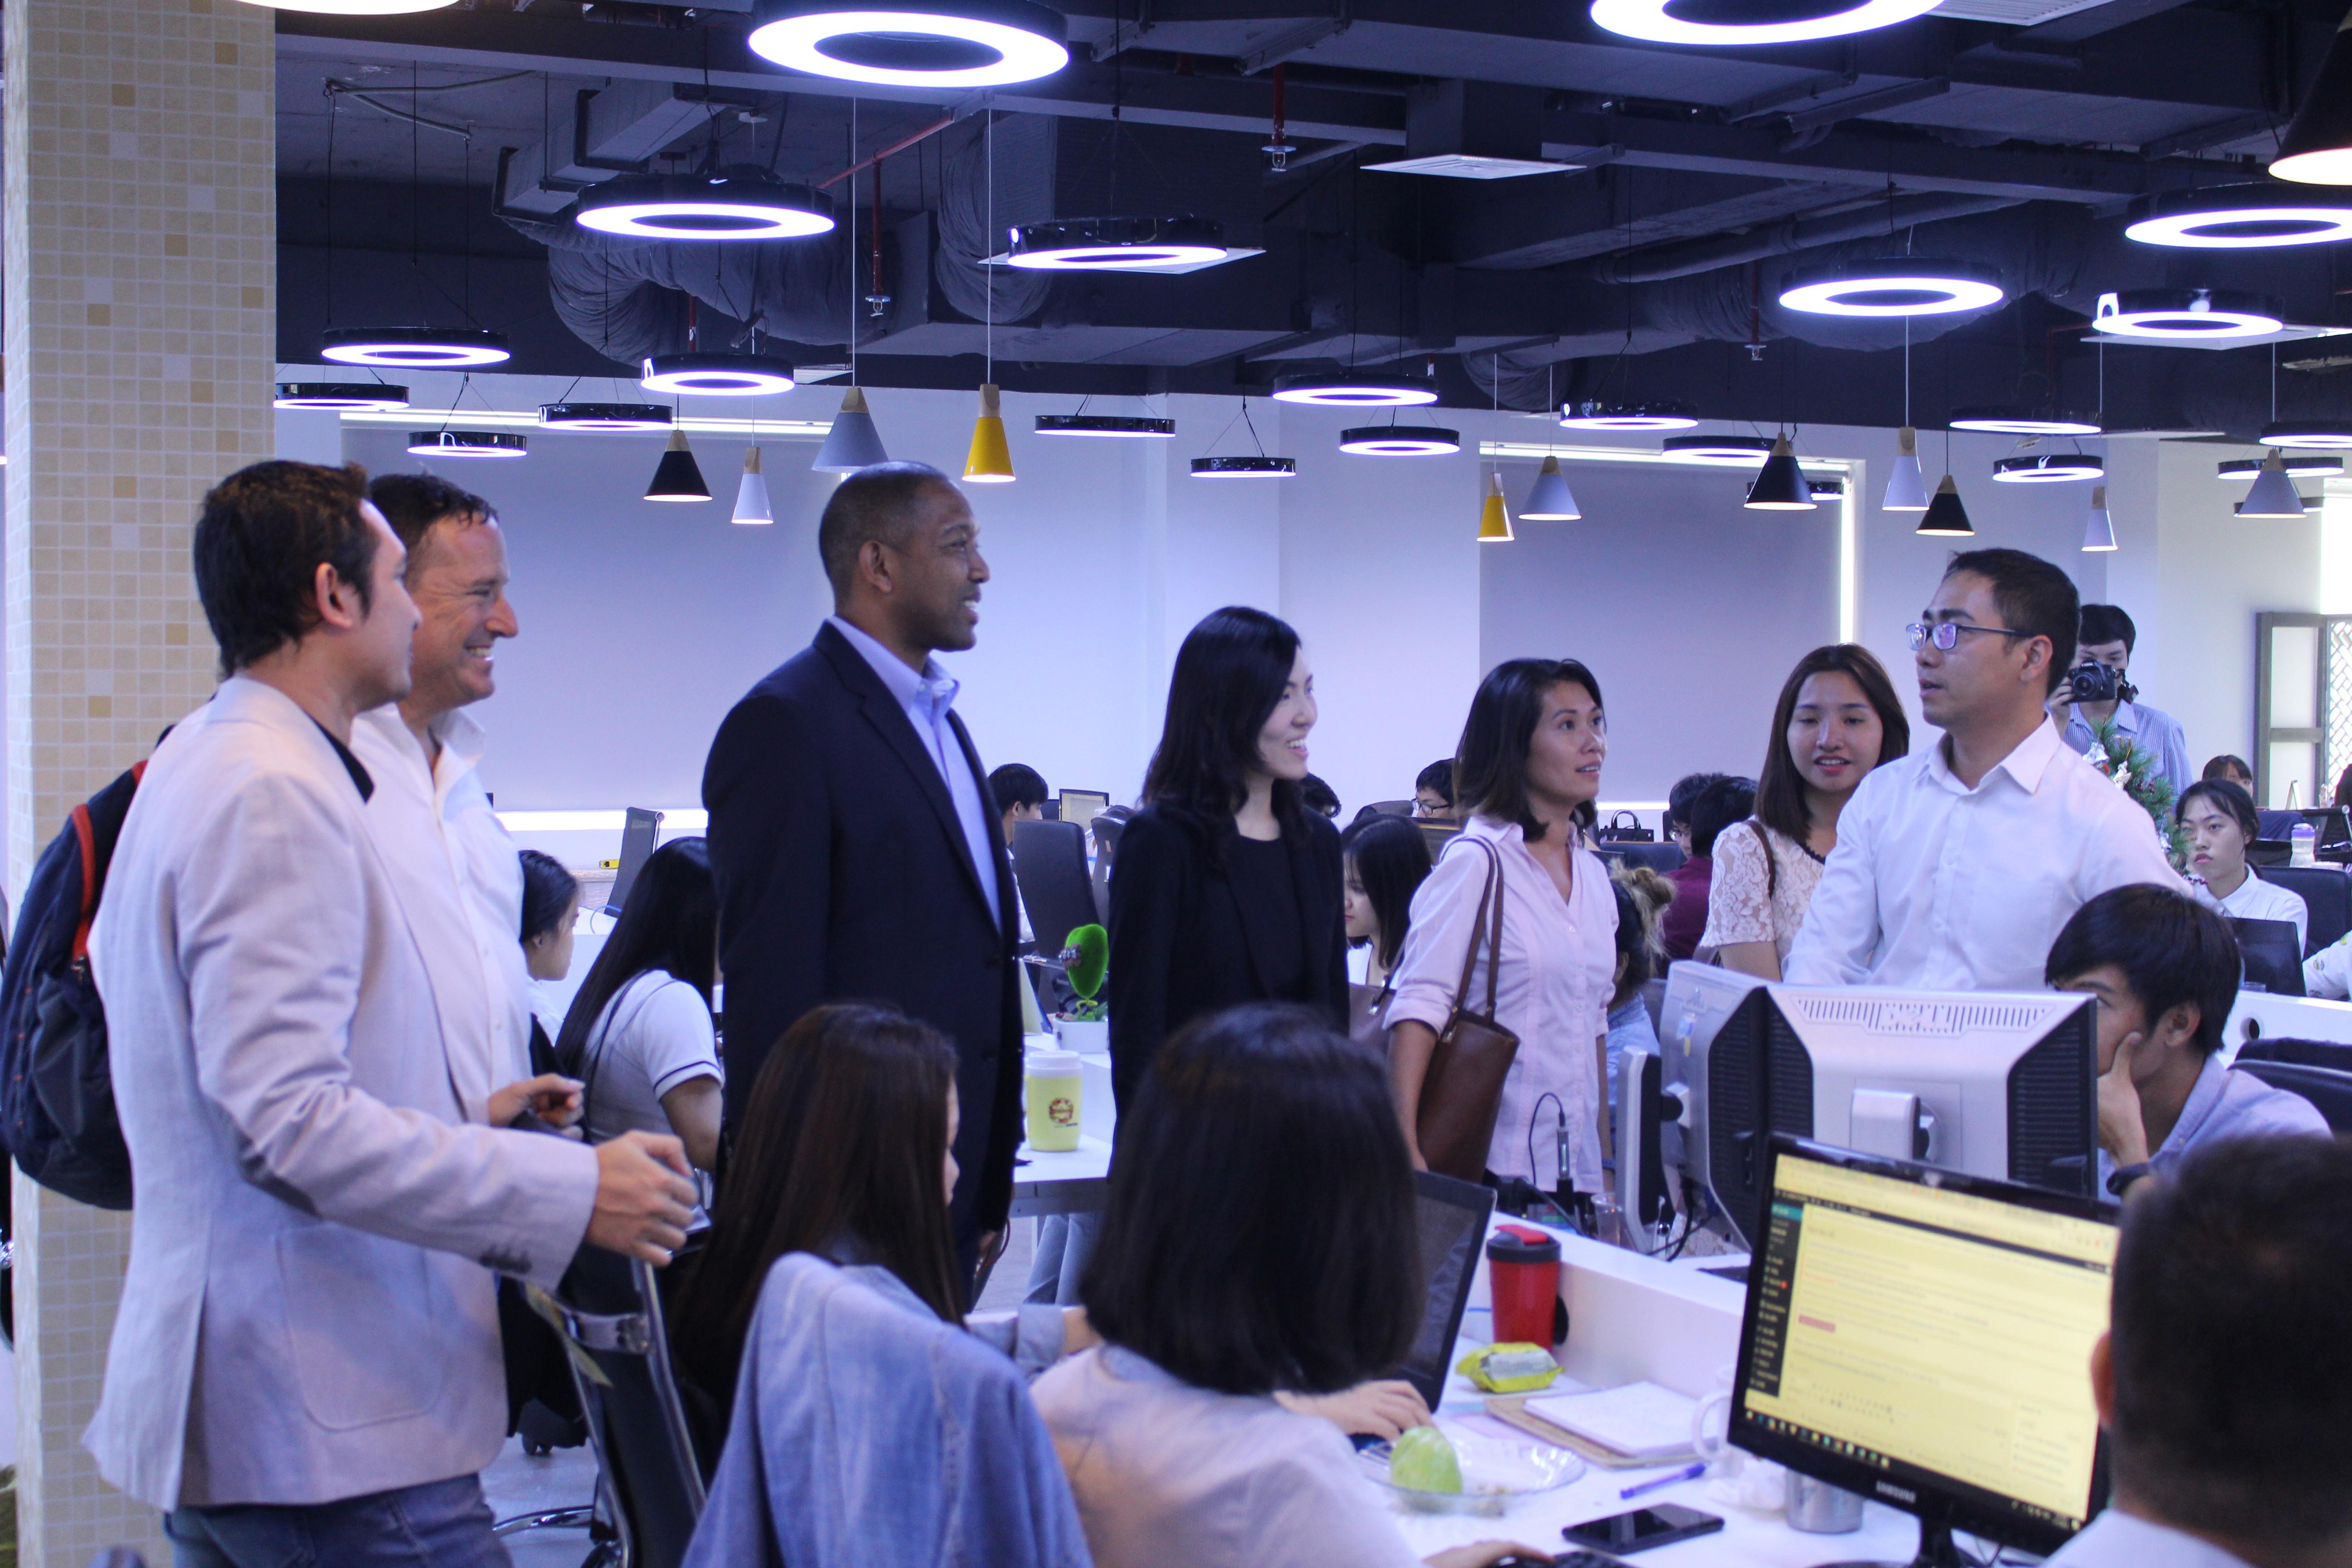 Phái đoàn Google đã đến giao lưu và chụp ảnh lưu niệm tại văn phòng mới 402 Nguyễn Thị Minh Khai ngày 17/01/2018